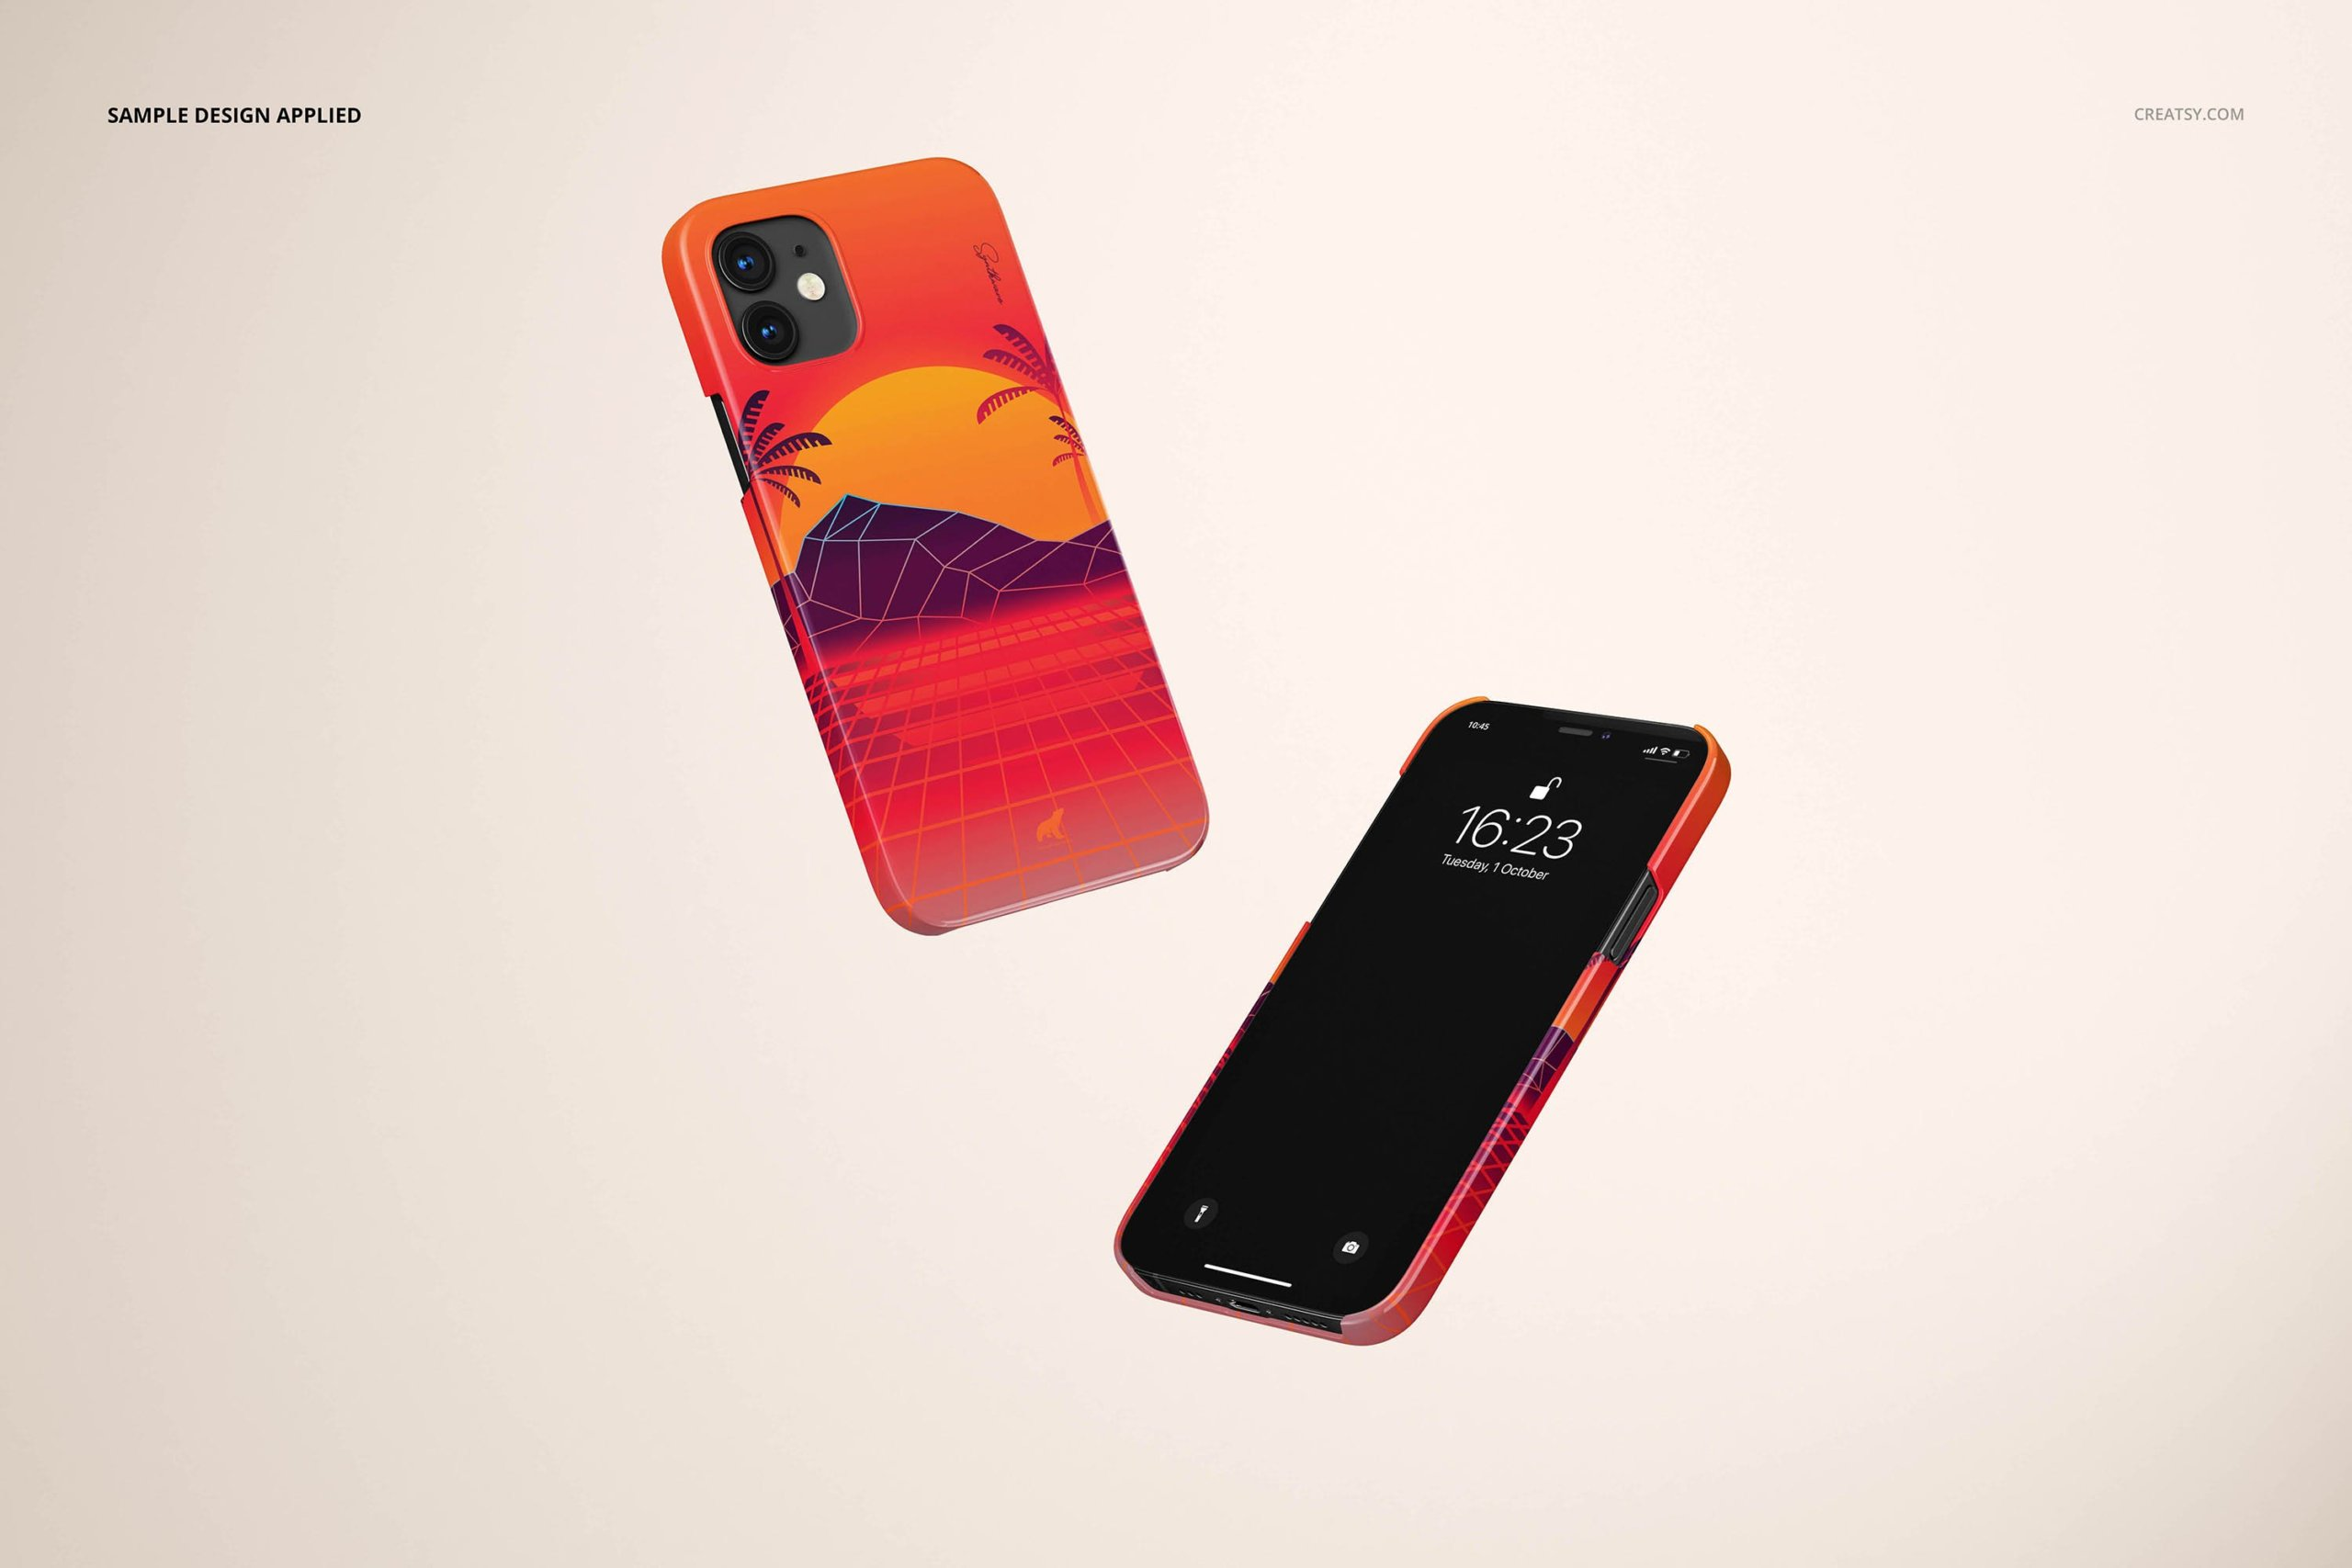 [单独购买] 26款时尚光滑苹果iPhone 12手机保护壳设计PS贴图样机模板素材 iPhone 12 Glossy Snap Case 1 Mockup插图19